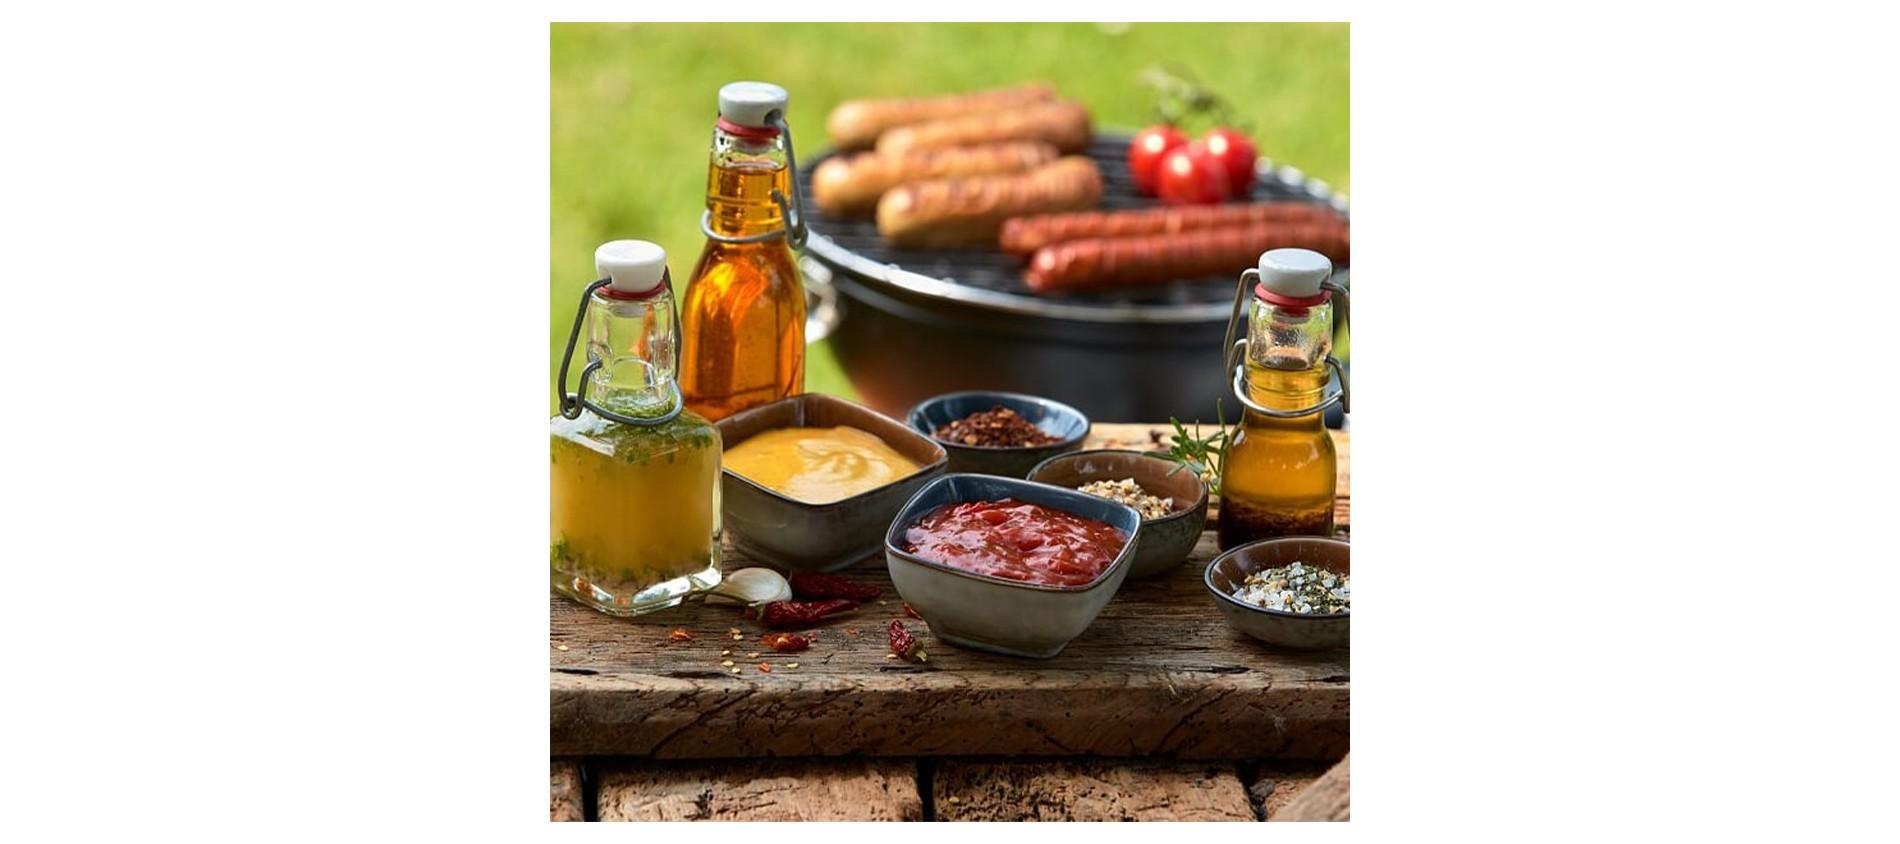 Condiments (Huiles, vinaigres, sauces, épices)